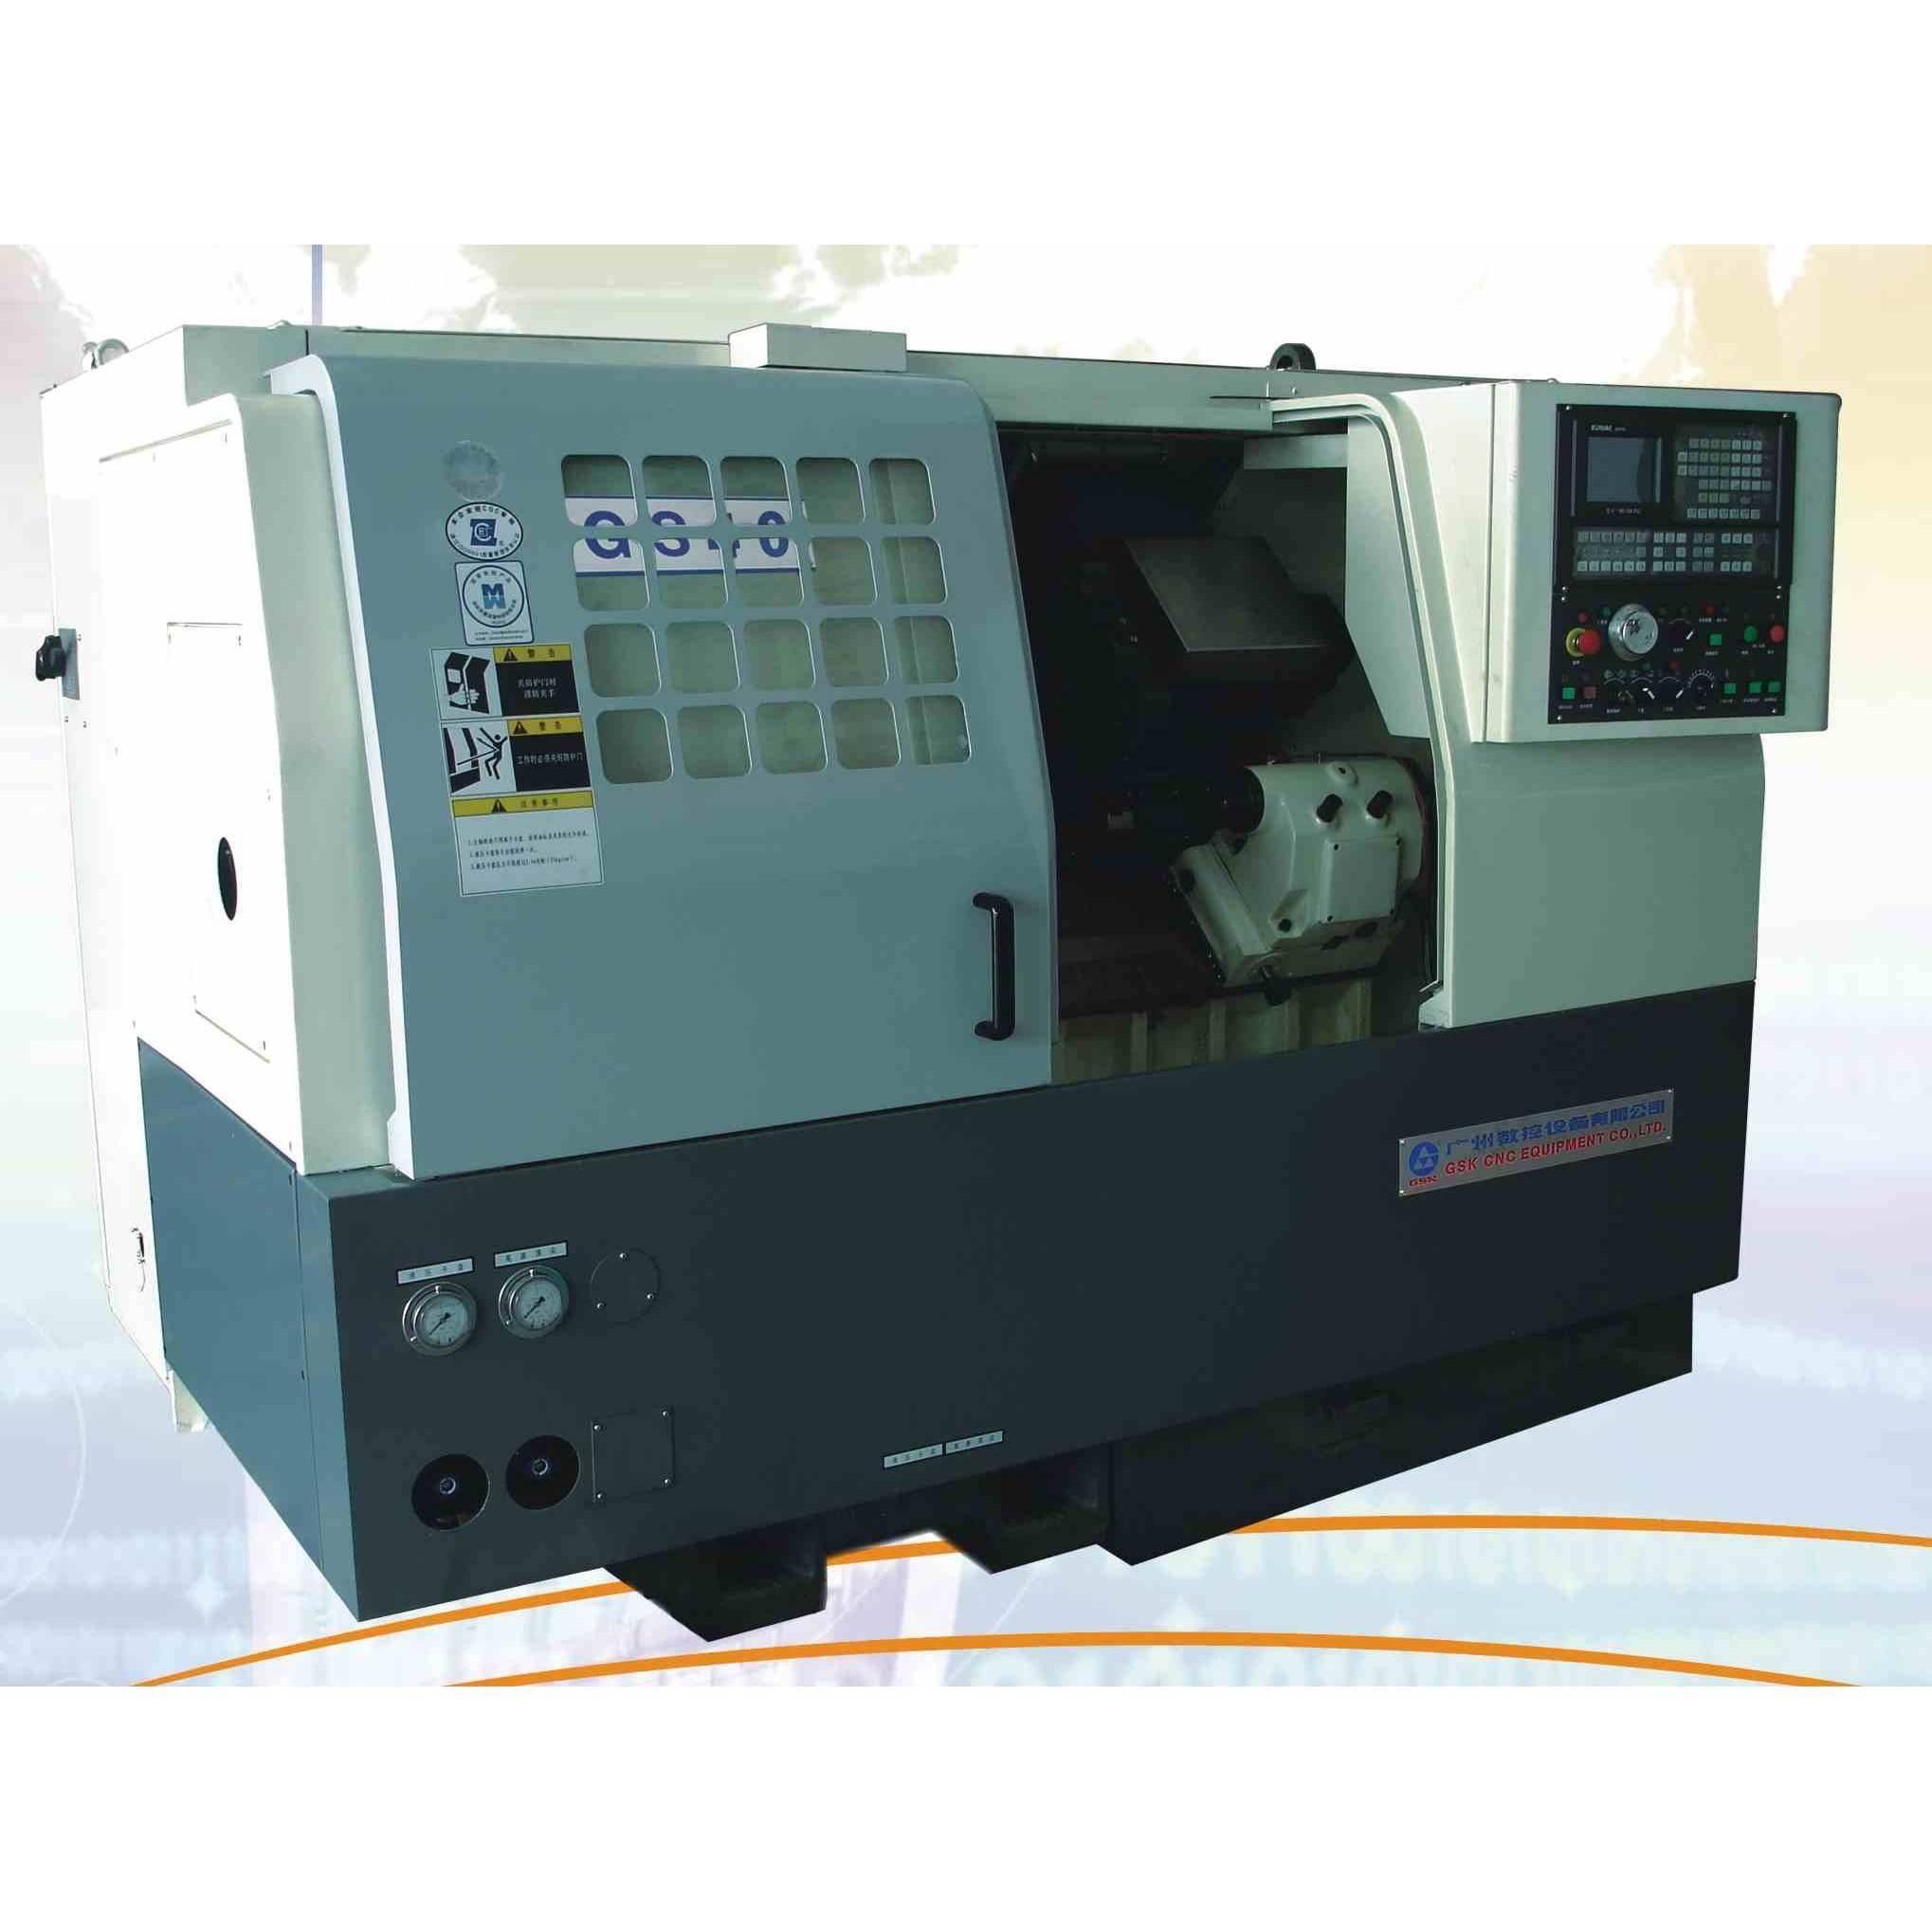 CNC Lathe-GS40